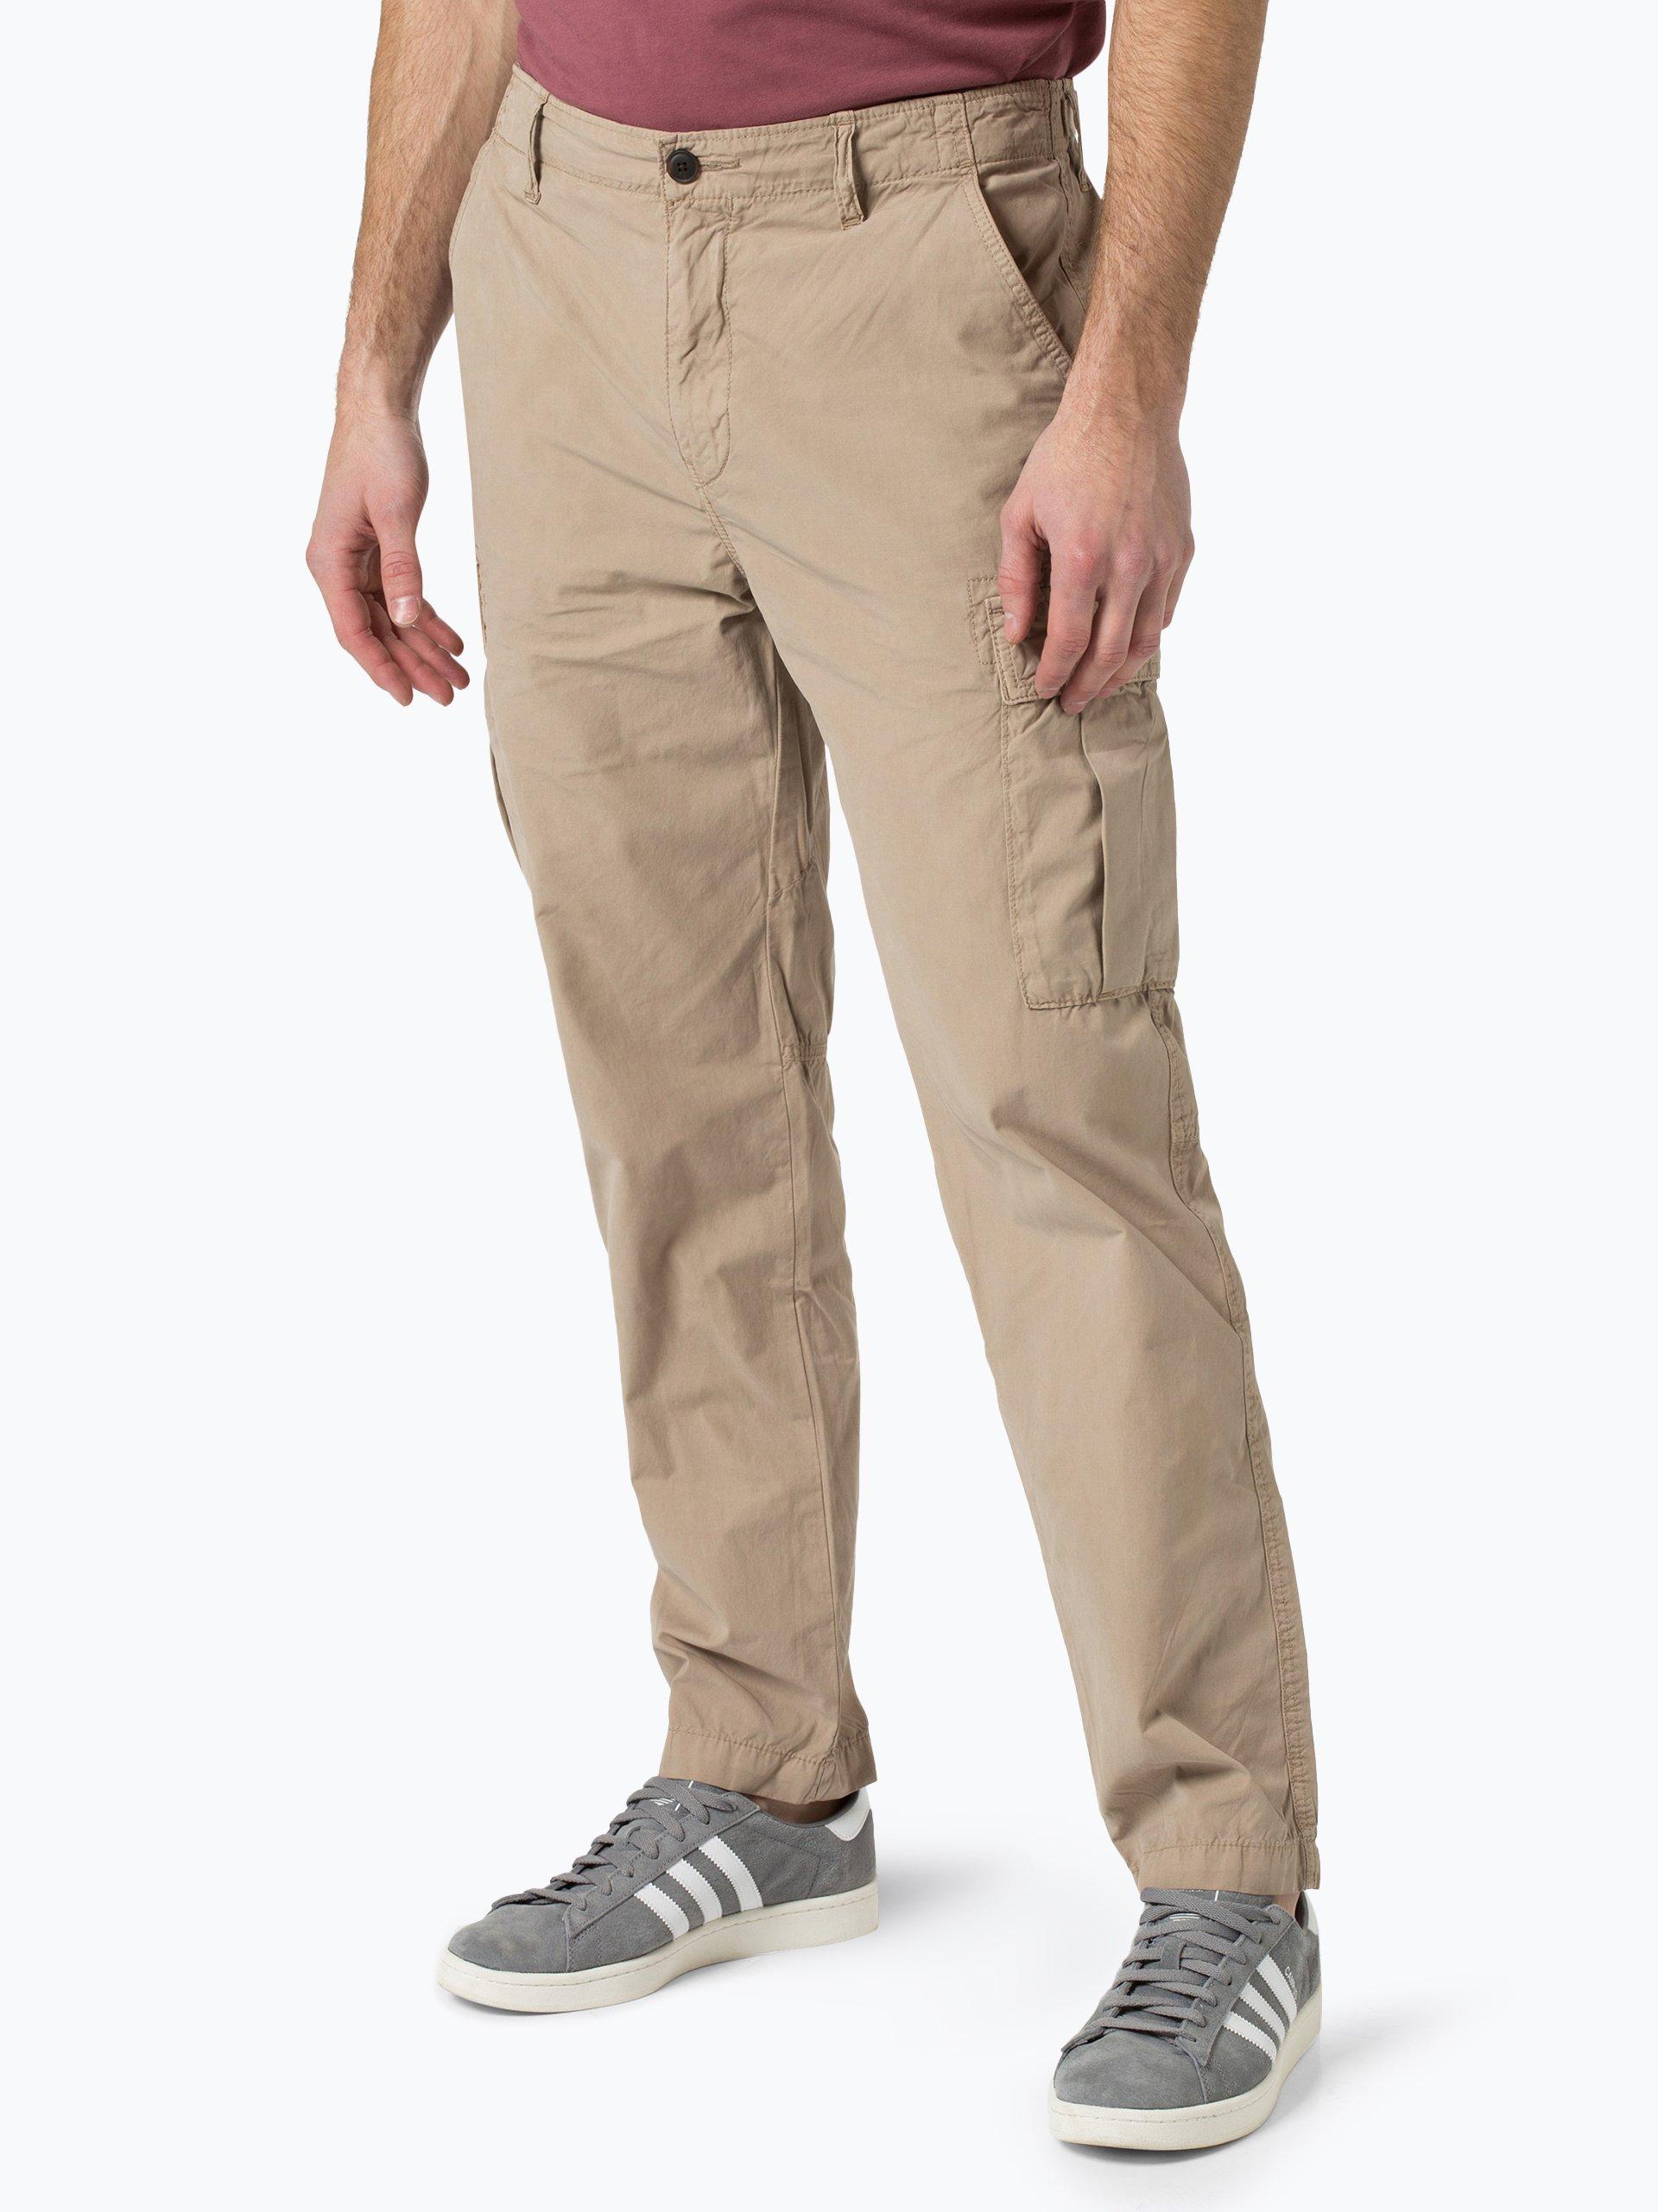 BOSS Casual Spodnie męskie – Sebas-D